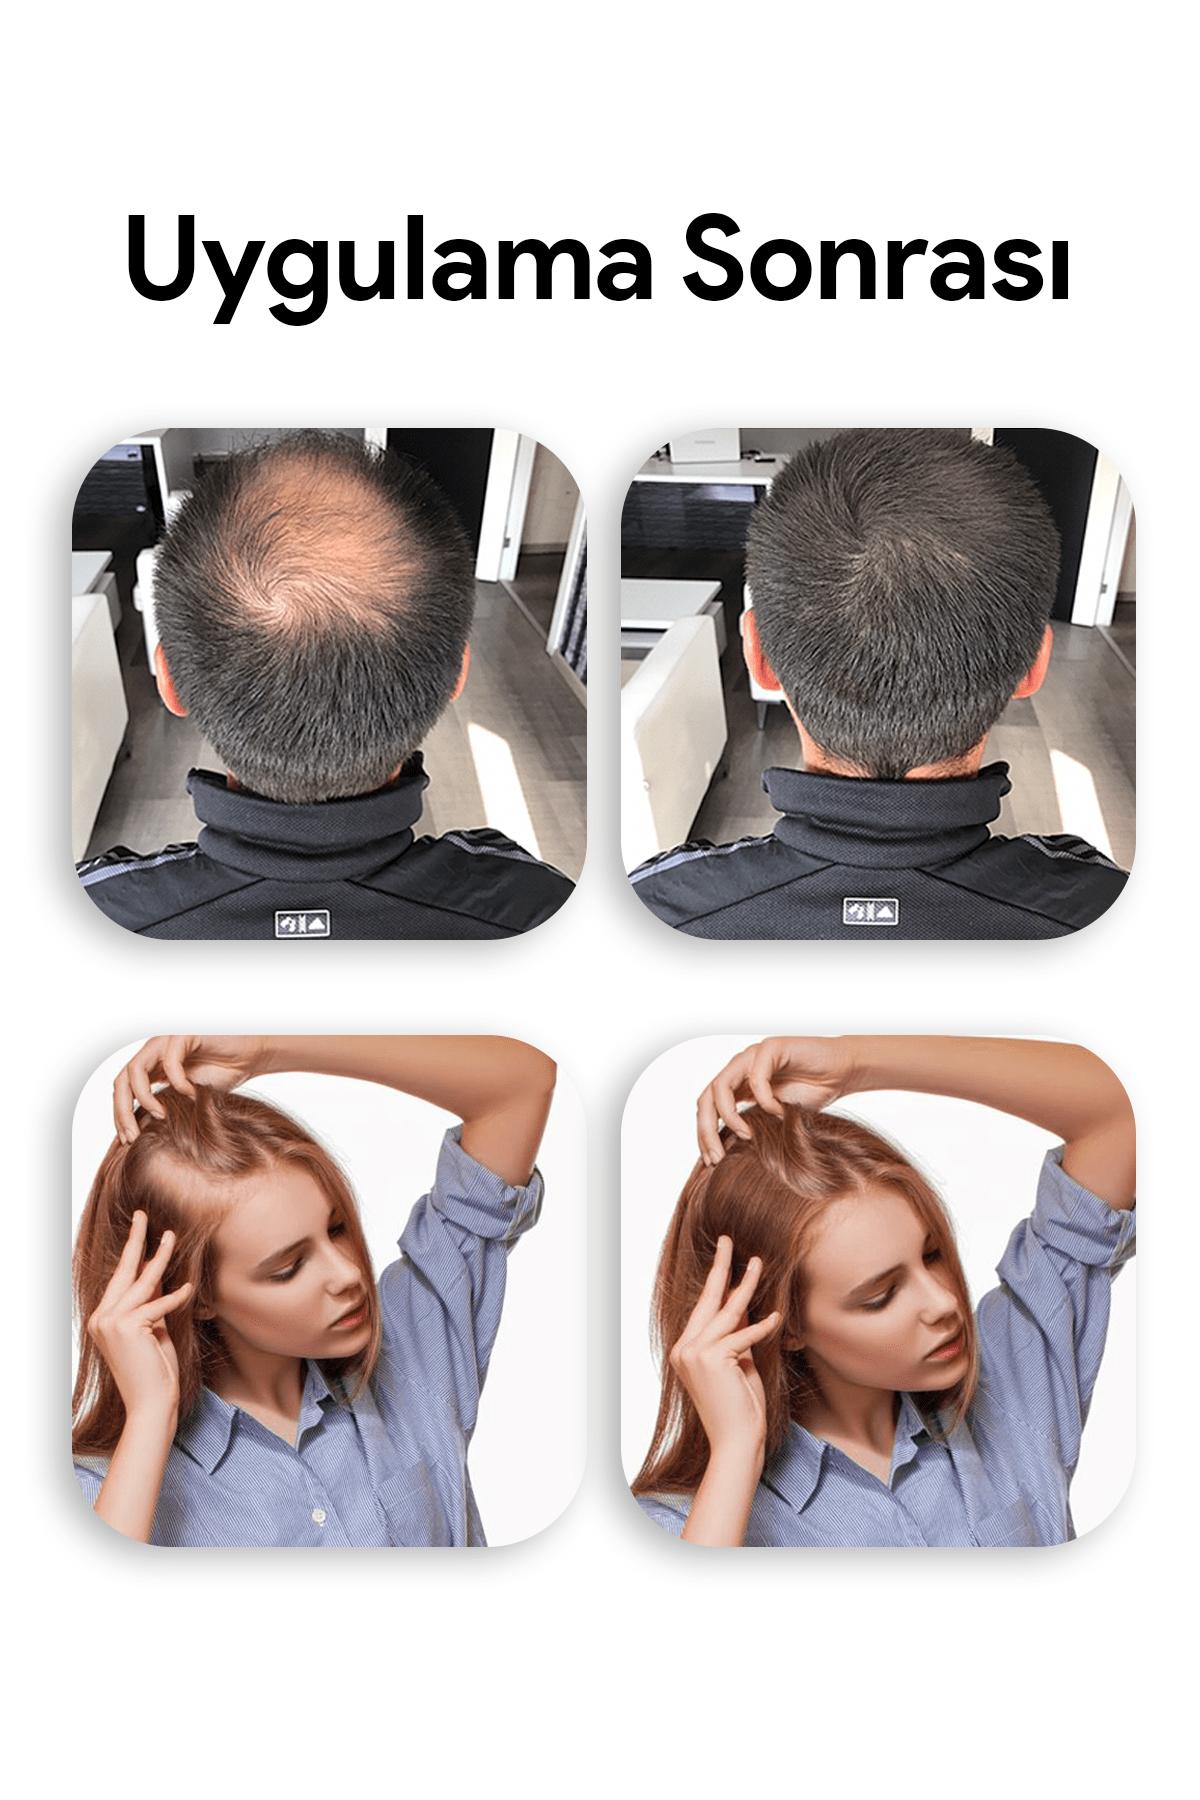 Luis Bien Dolgunlaştırıcı Saç Spreyi Siyah 100 Ml 8681529831980 2